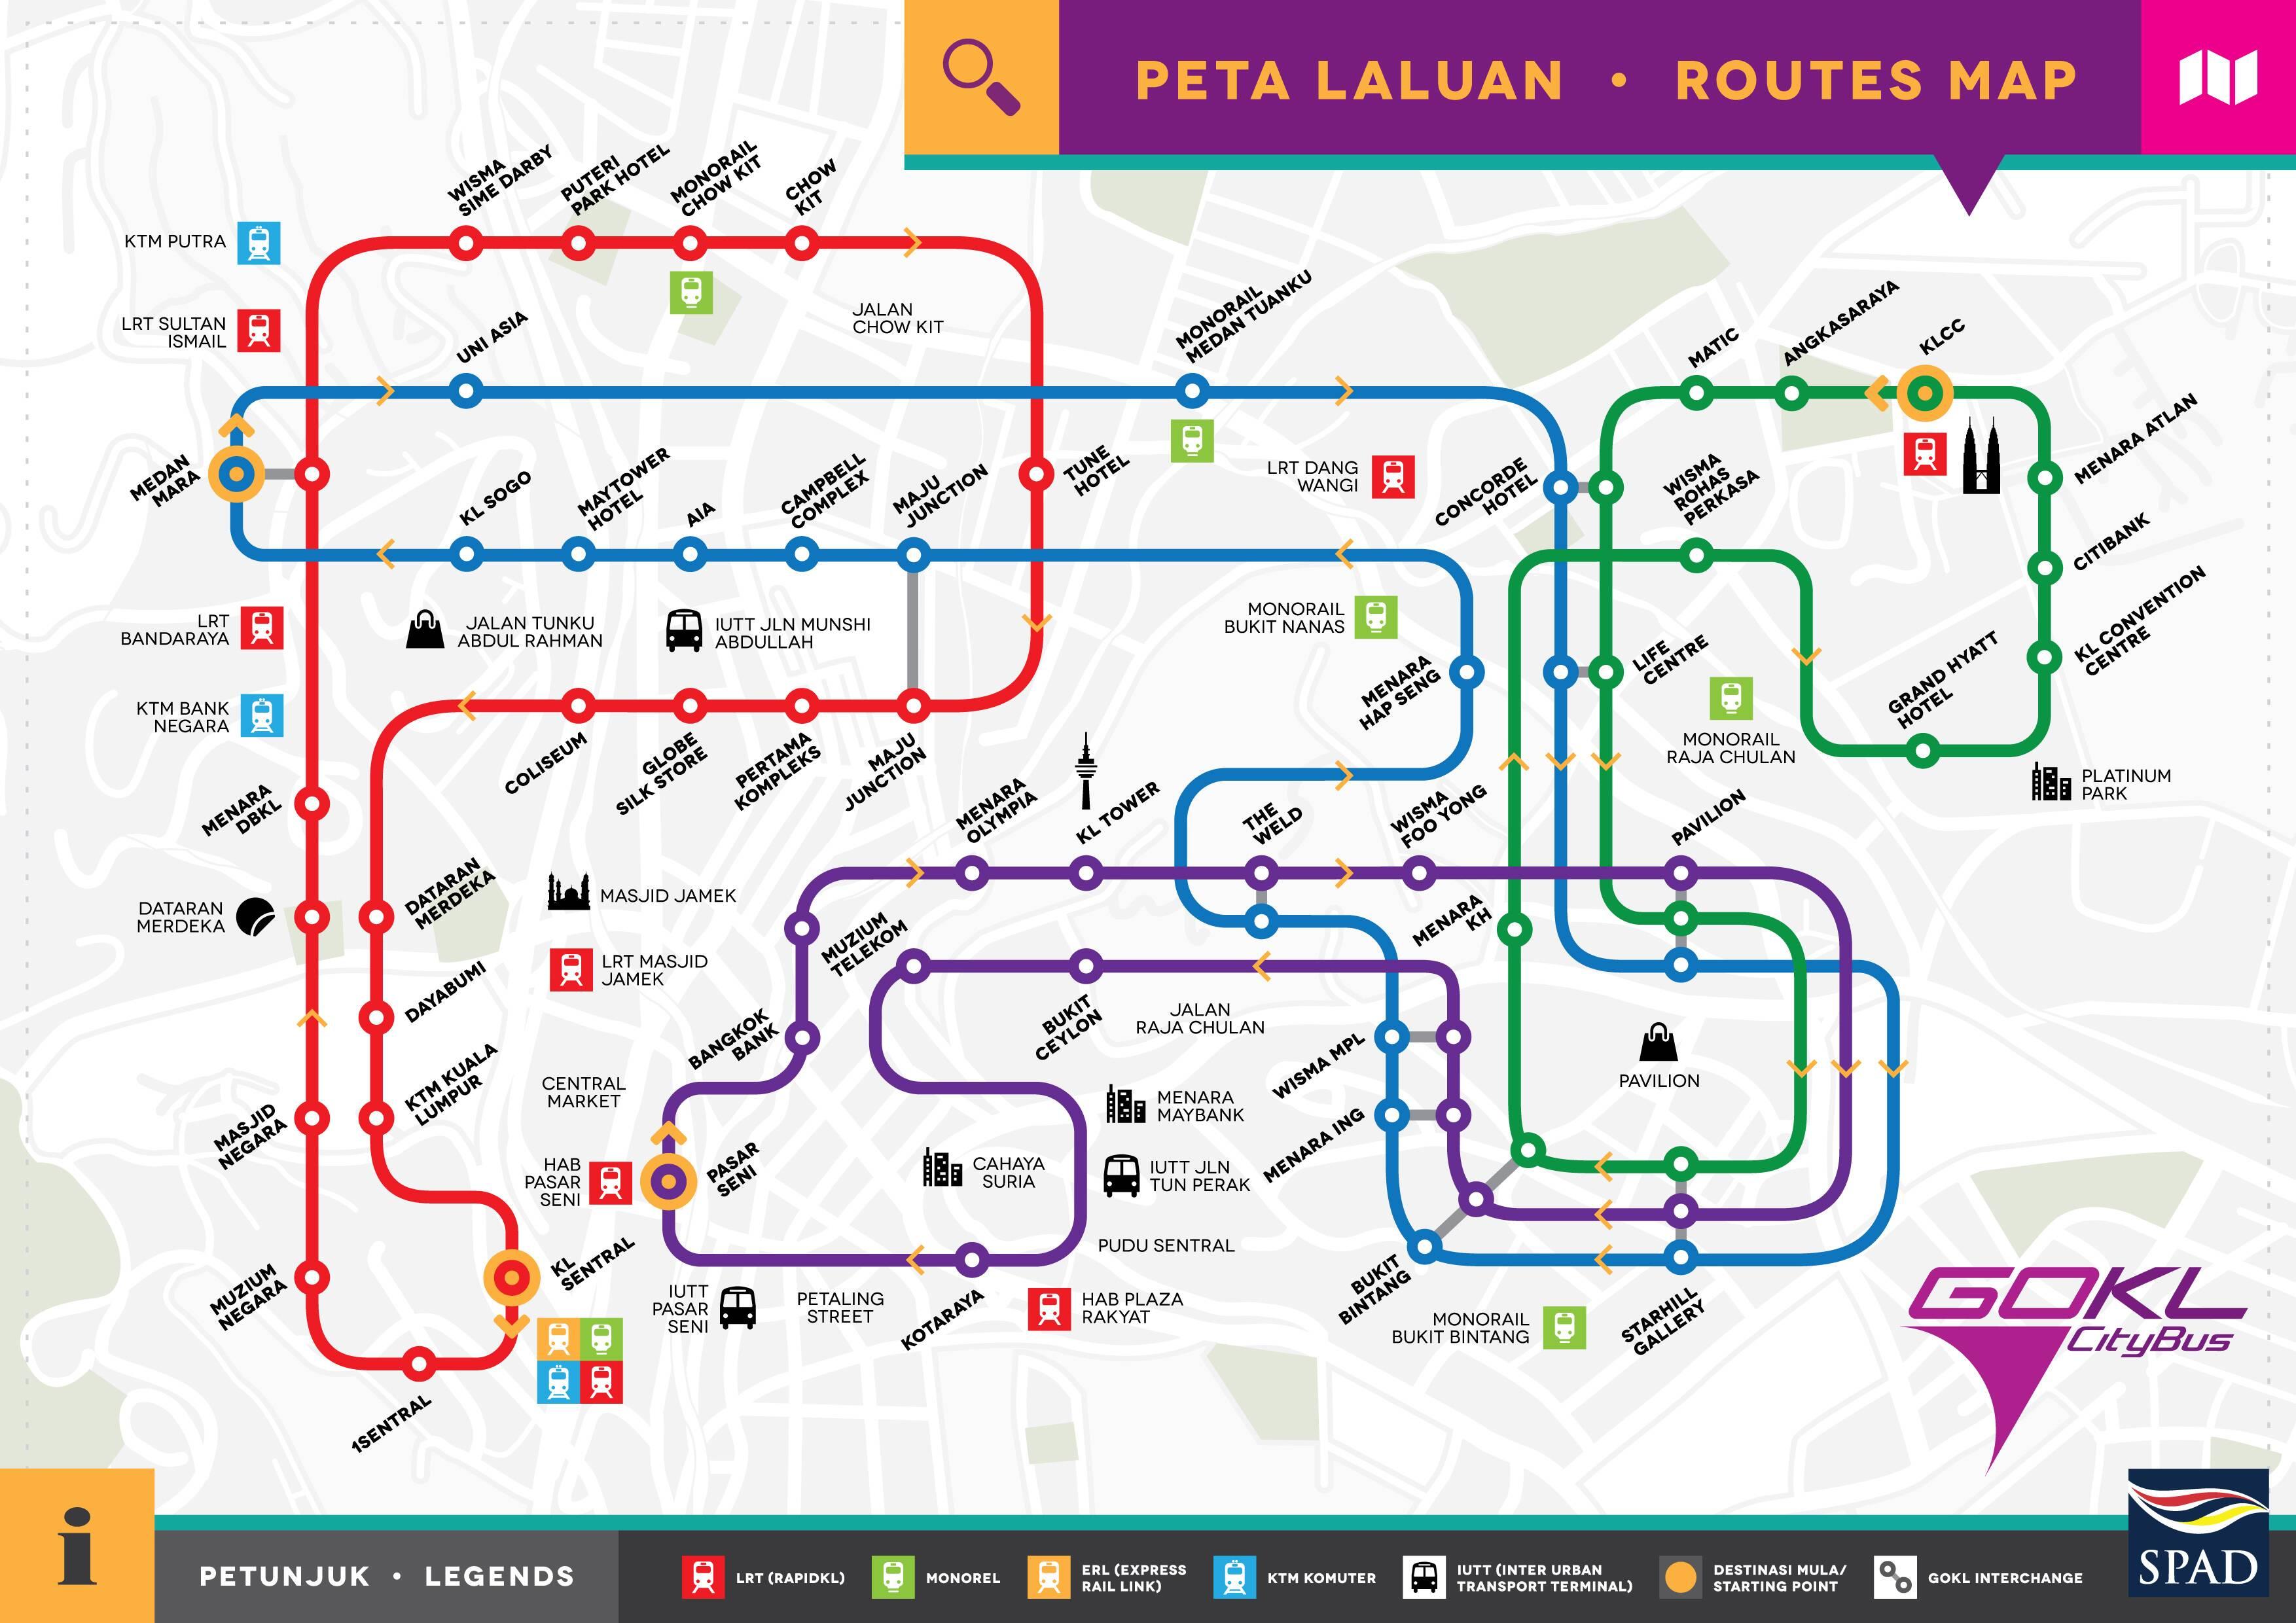 Mapa oficial do Go KL de Kuala Lumpur